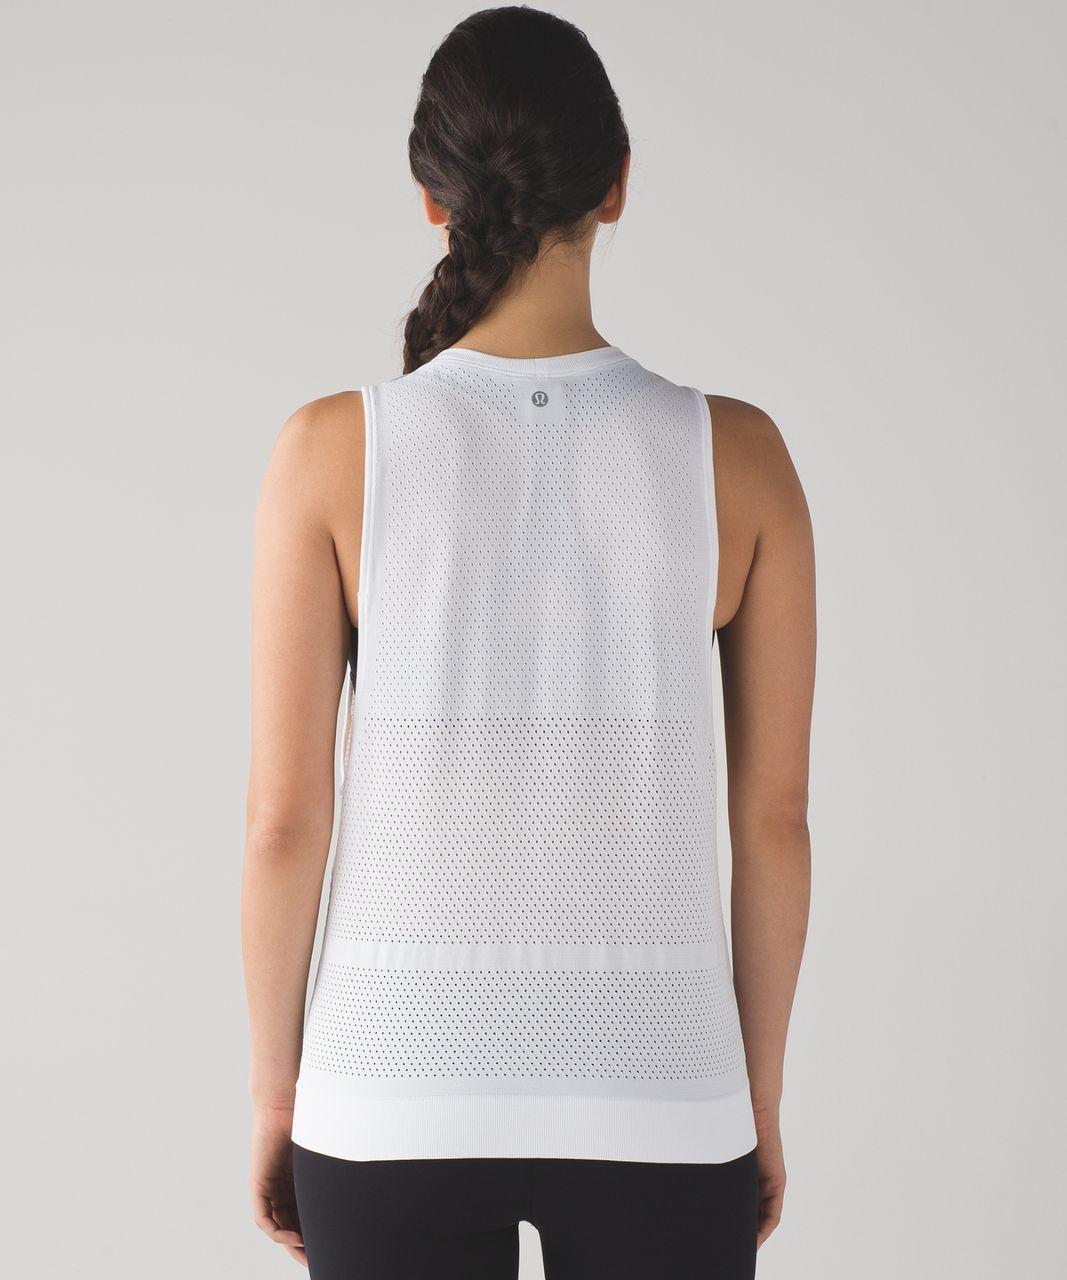 f3895f383282b Lululemon Breeze By Muscle Tank - Heathered White - lulu fanatics